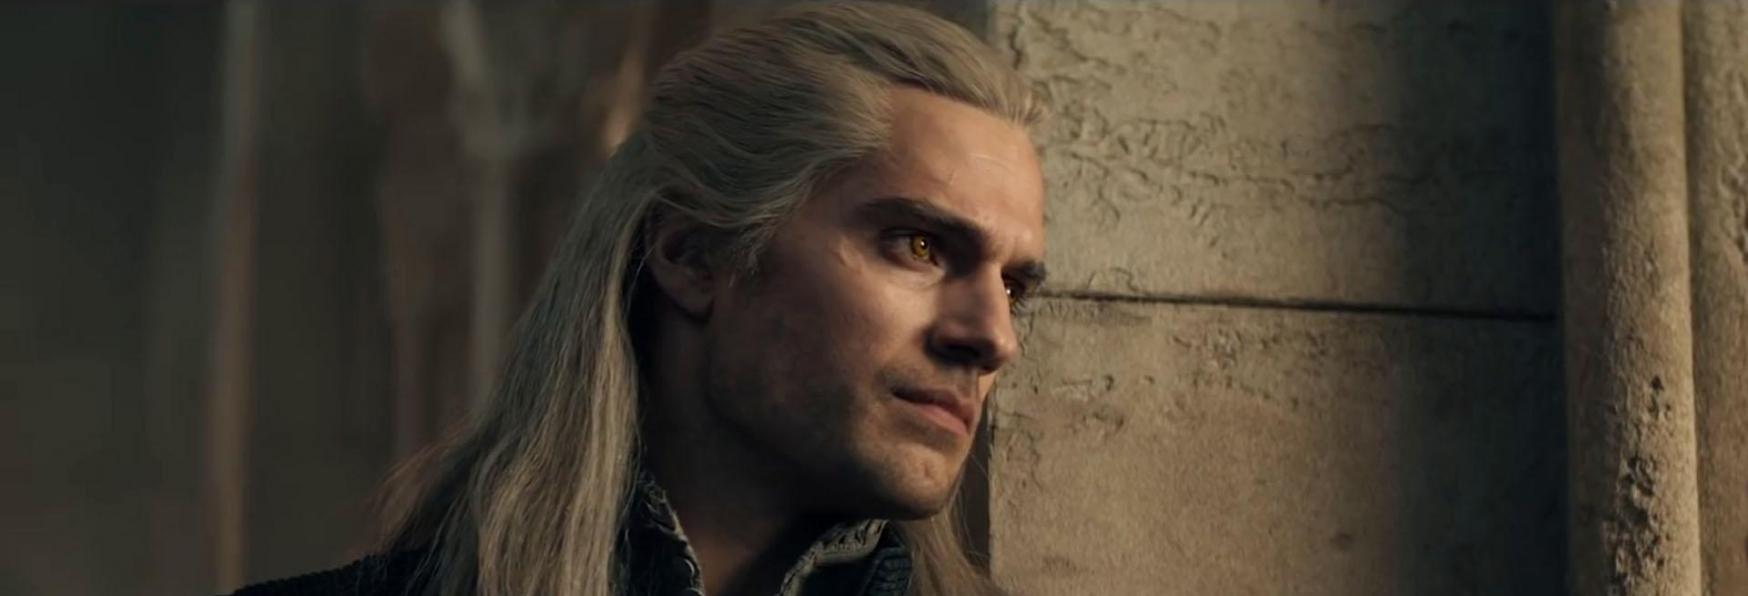 The Witcher: Rilasciato un nuovo Trailer dell'imminente Serie TV